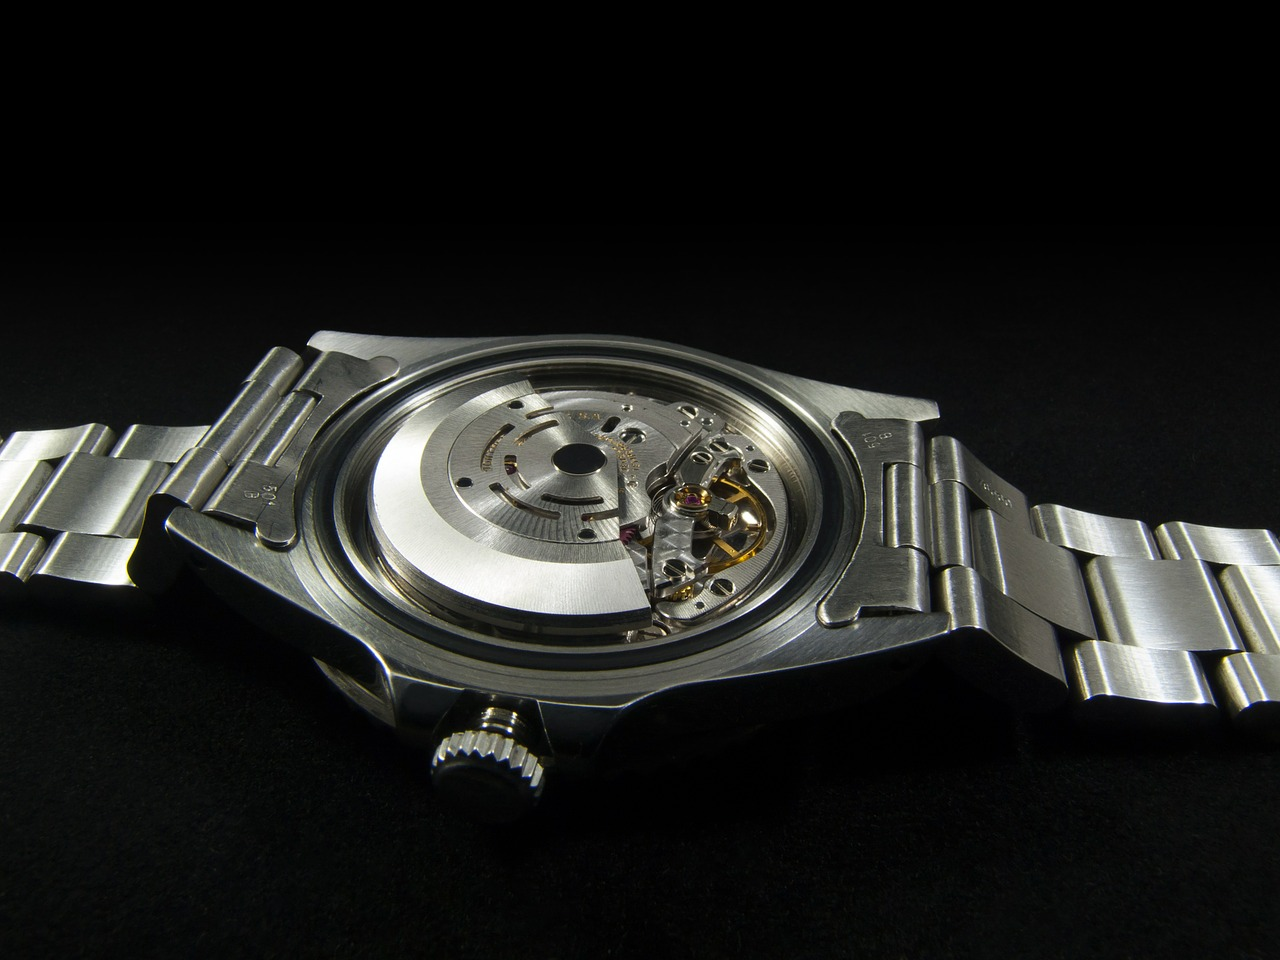 watch repair, watch tools, watch tool box